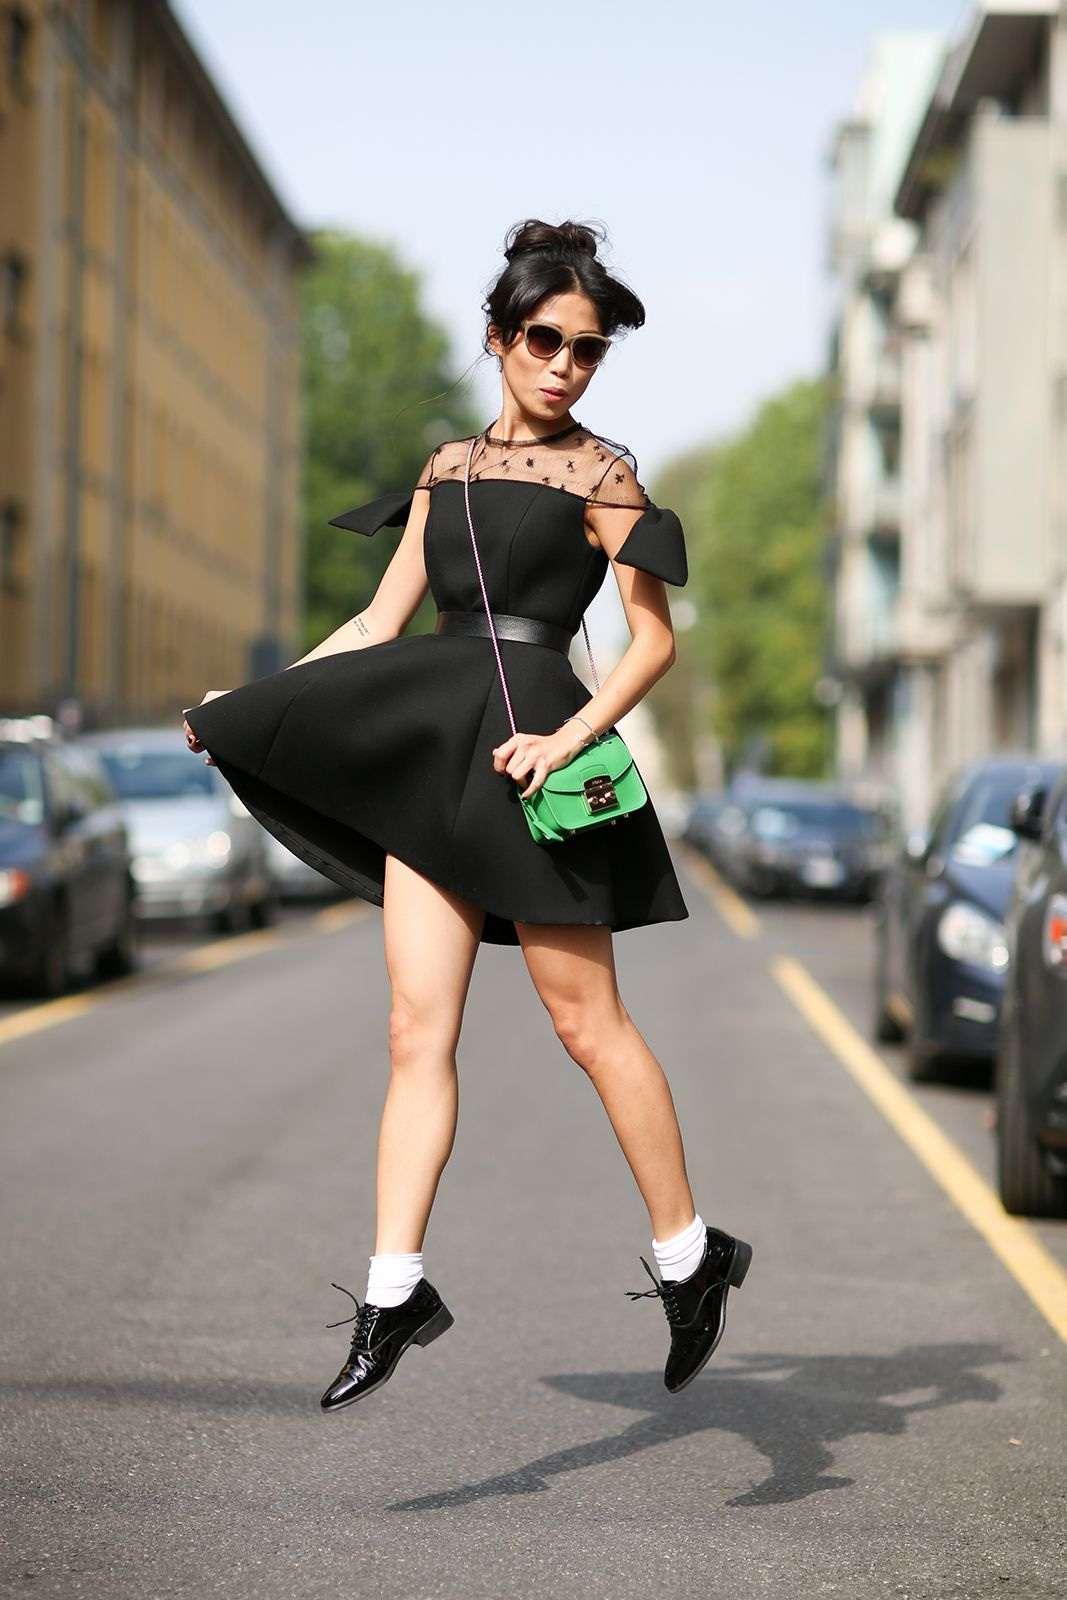 Abito nero e borsa verde